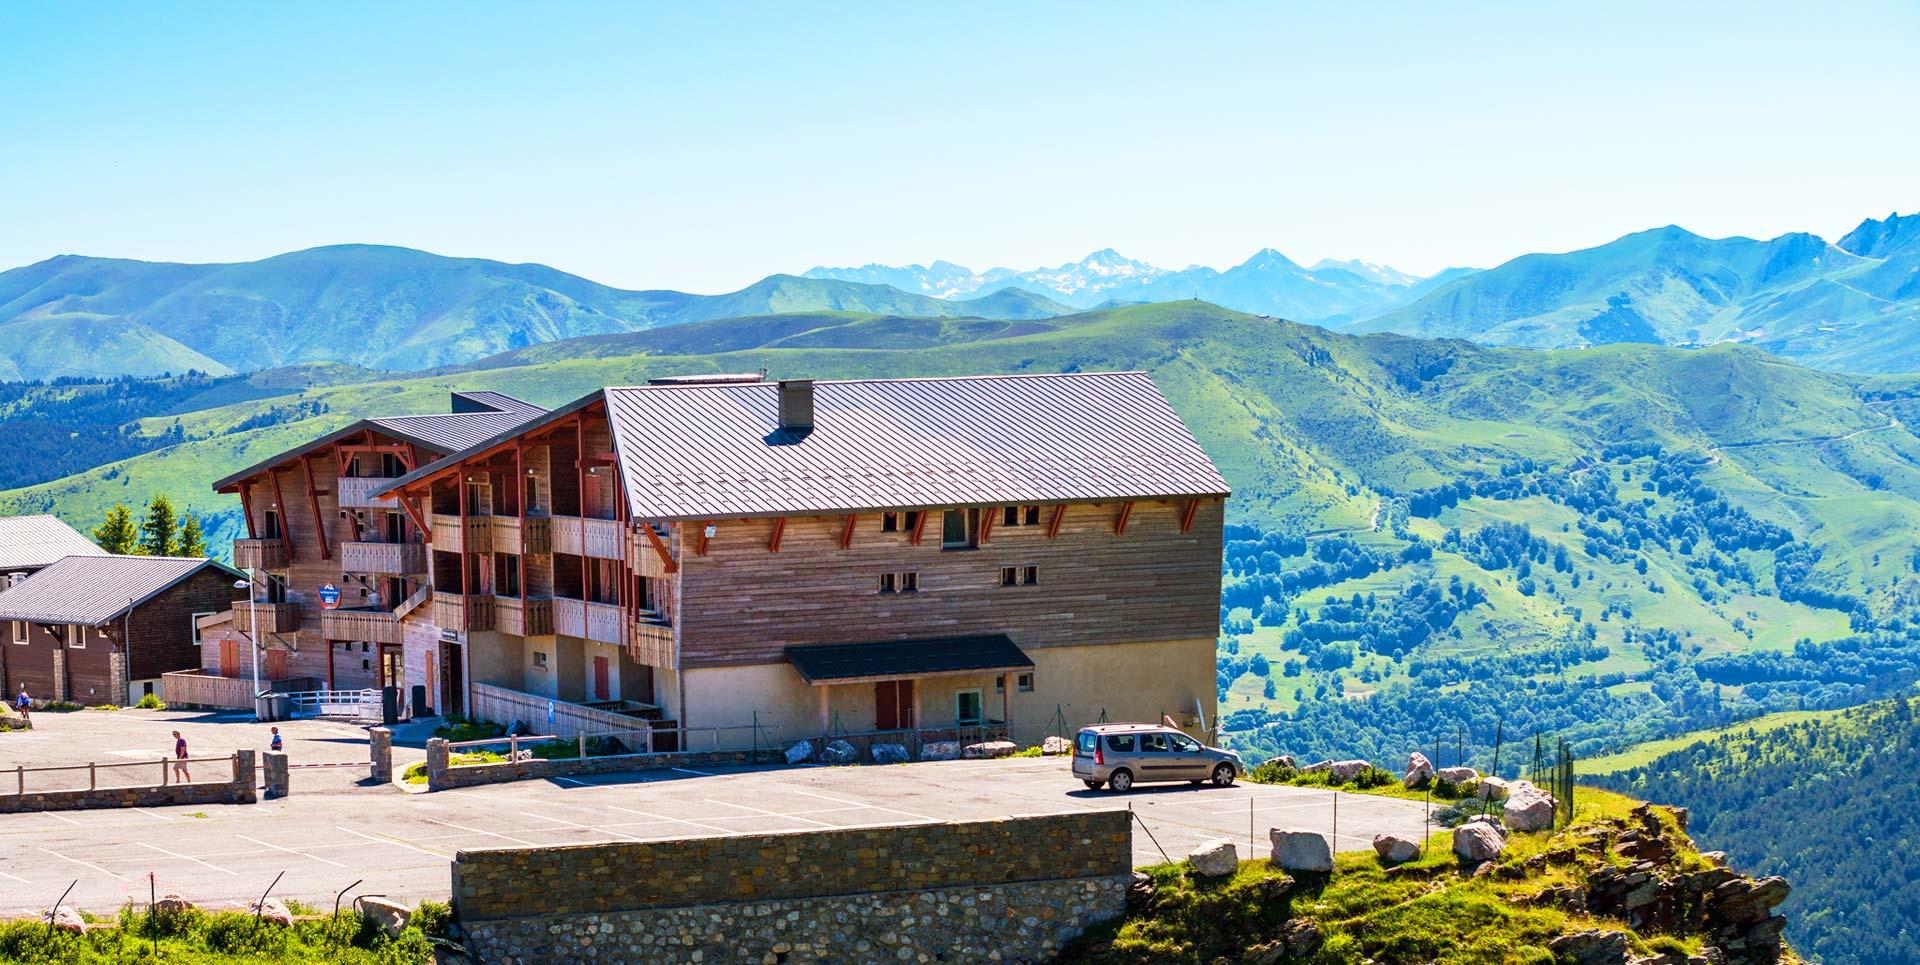 Séjour Midi-Pyrénées - SAINT-LARY - PLA D'ADET LES CHALETS DE L'ADET LAGRANGE VACANCES